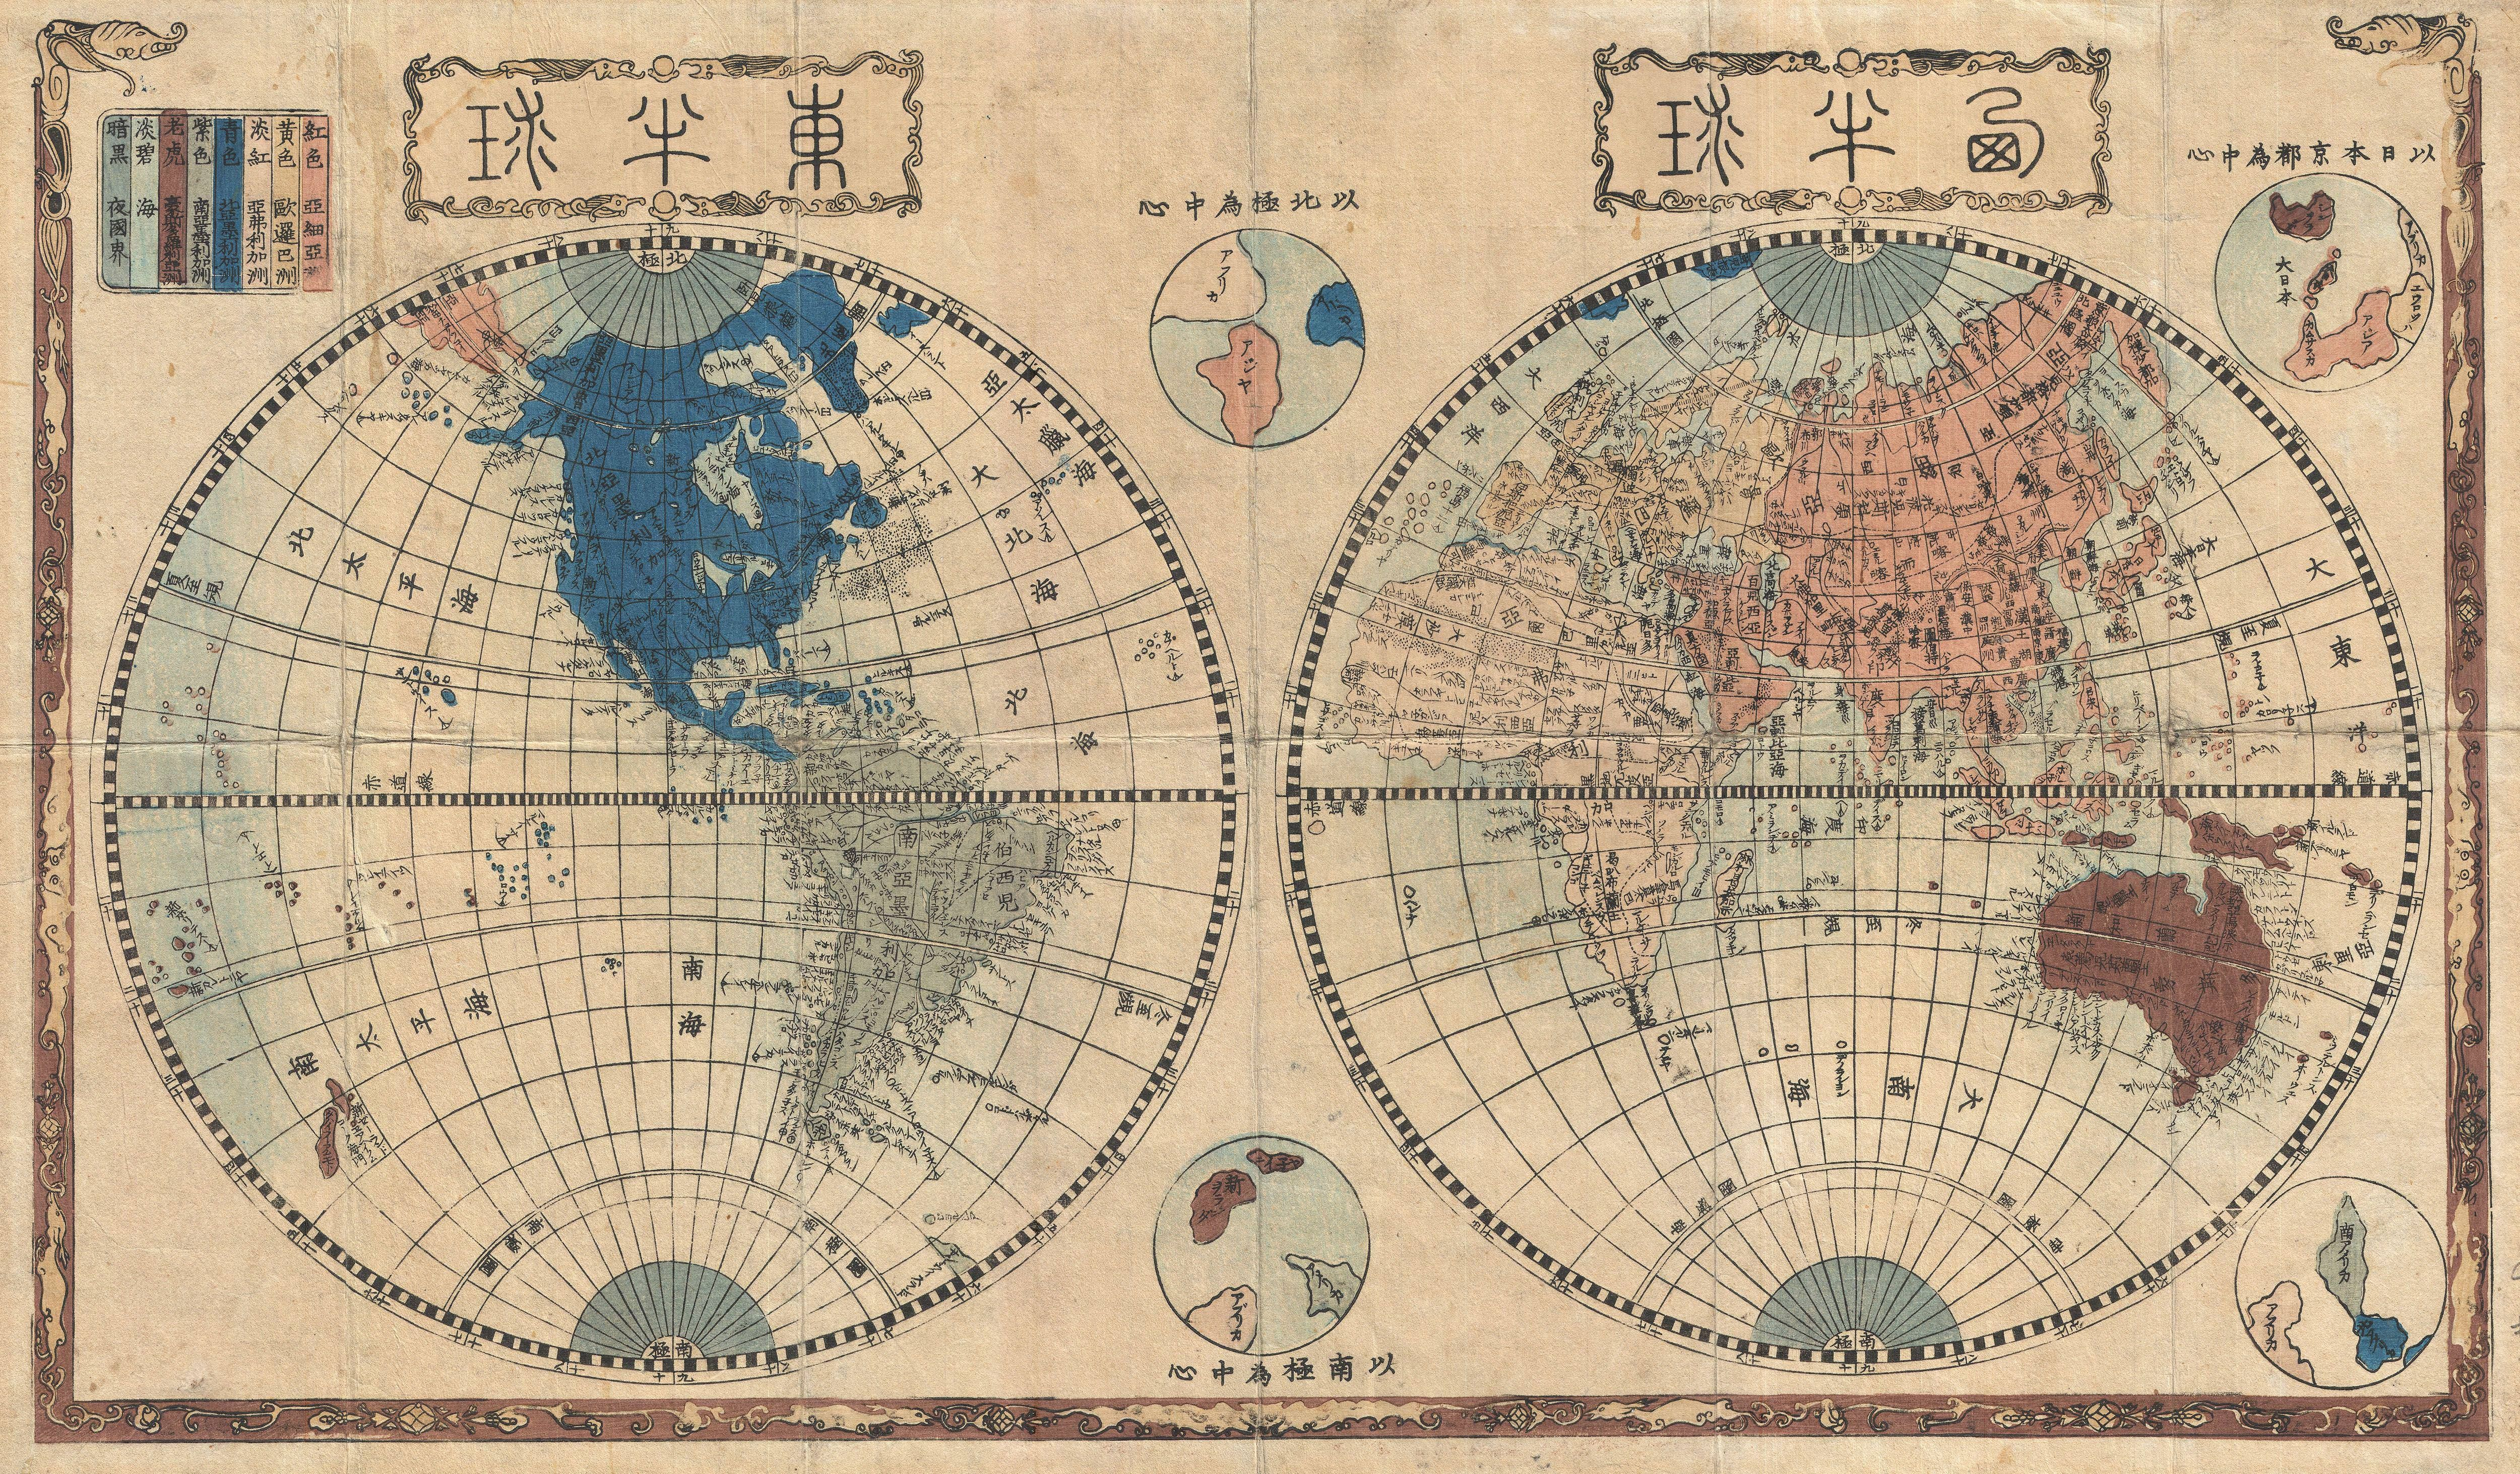 Double hemisphere japanese world map 1848 old maps pinterest double hemisphere japanese world map 1848 publicscrutiny Choice Image